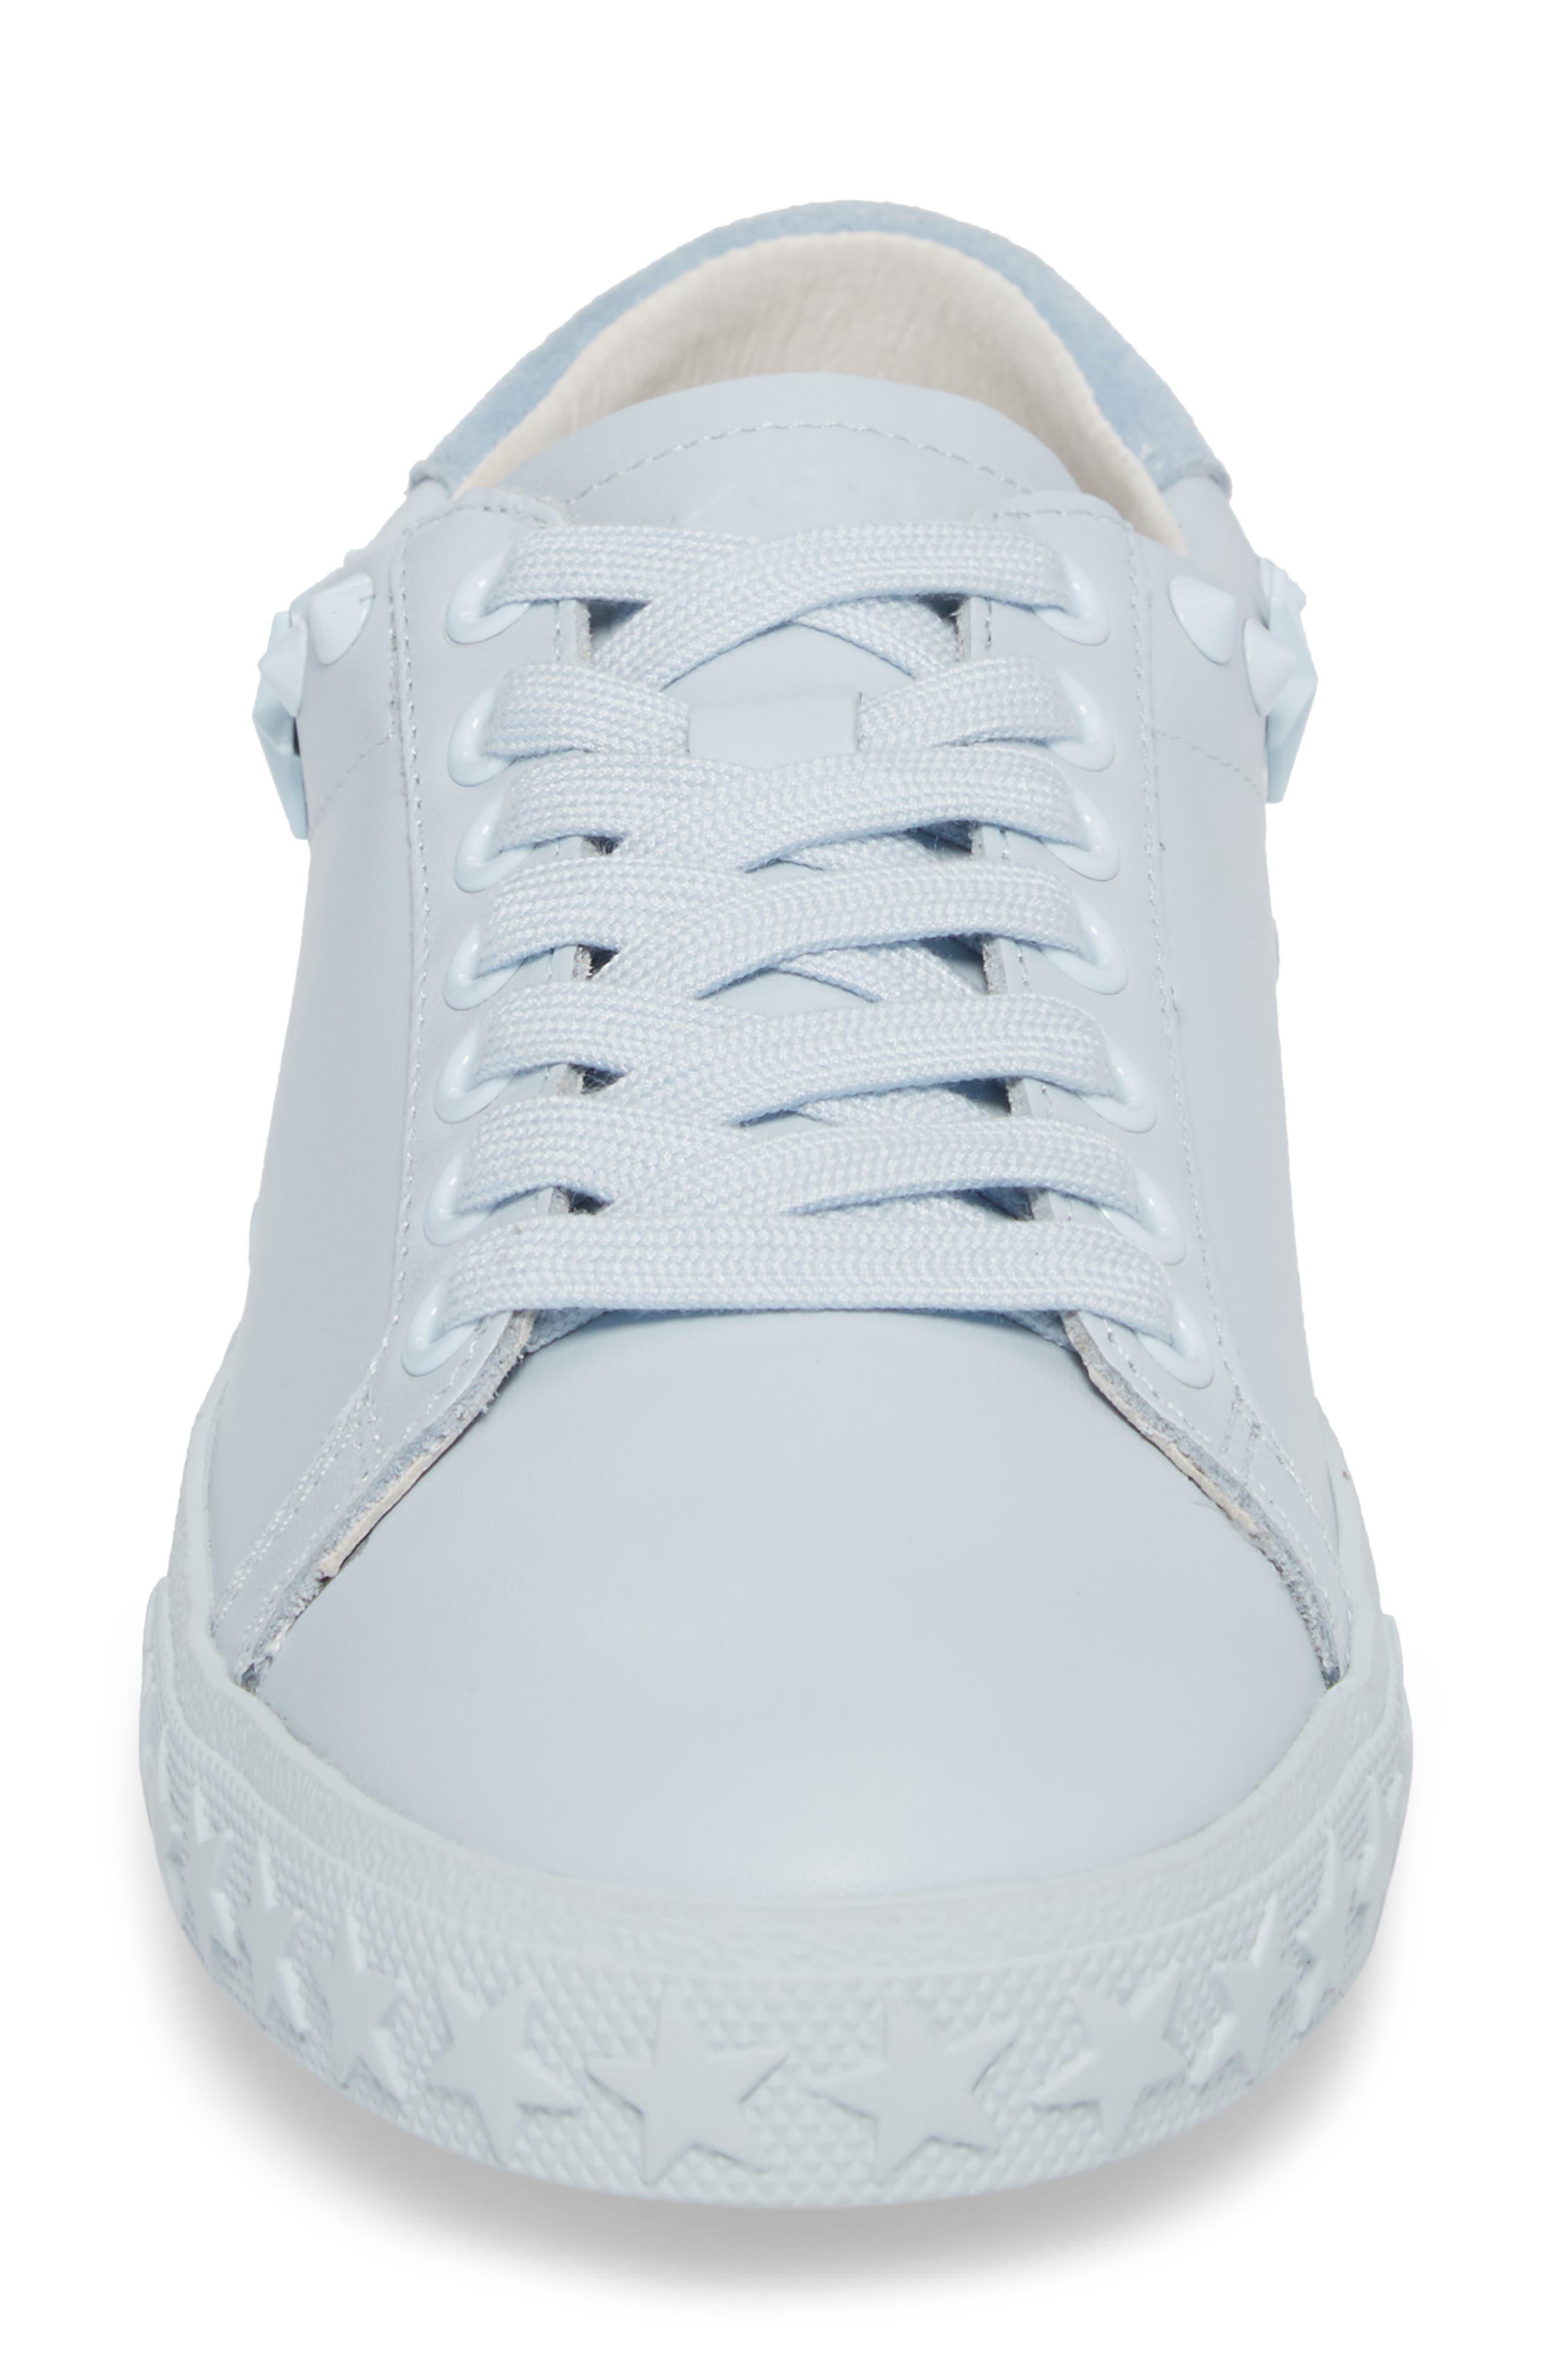 Dazed Sneaker,                             Alternate thumbnail 4, color,                             Ice Blue